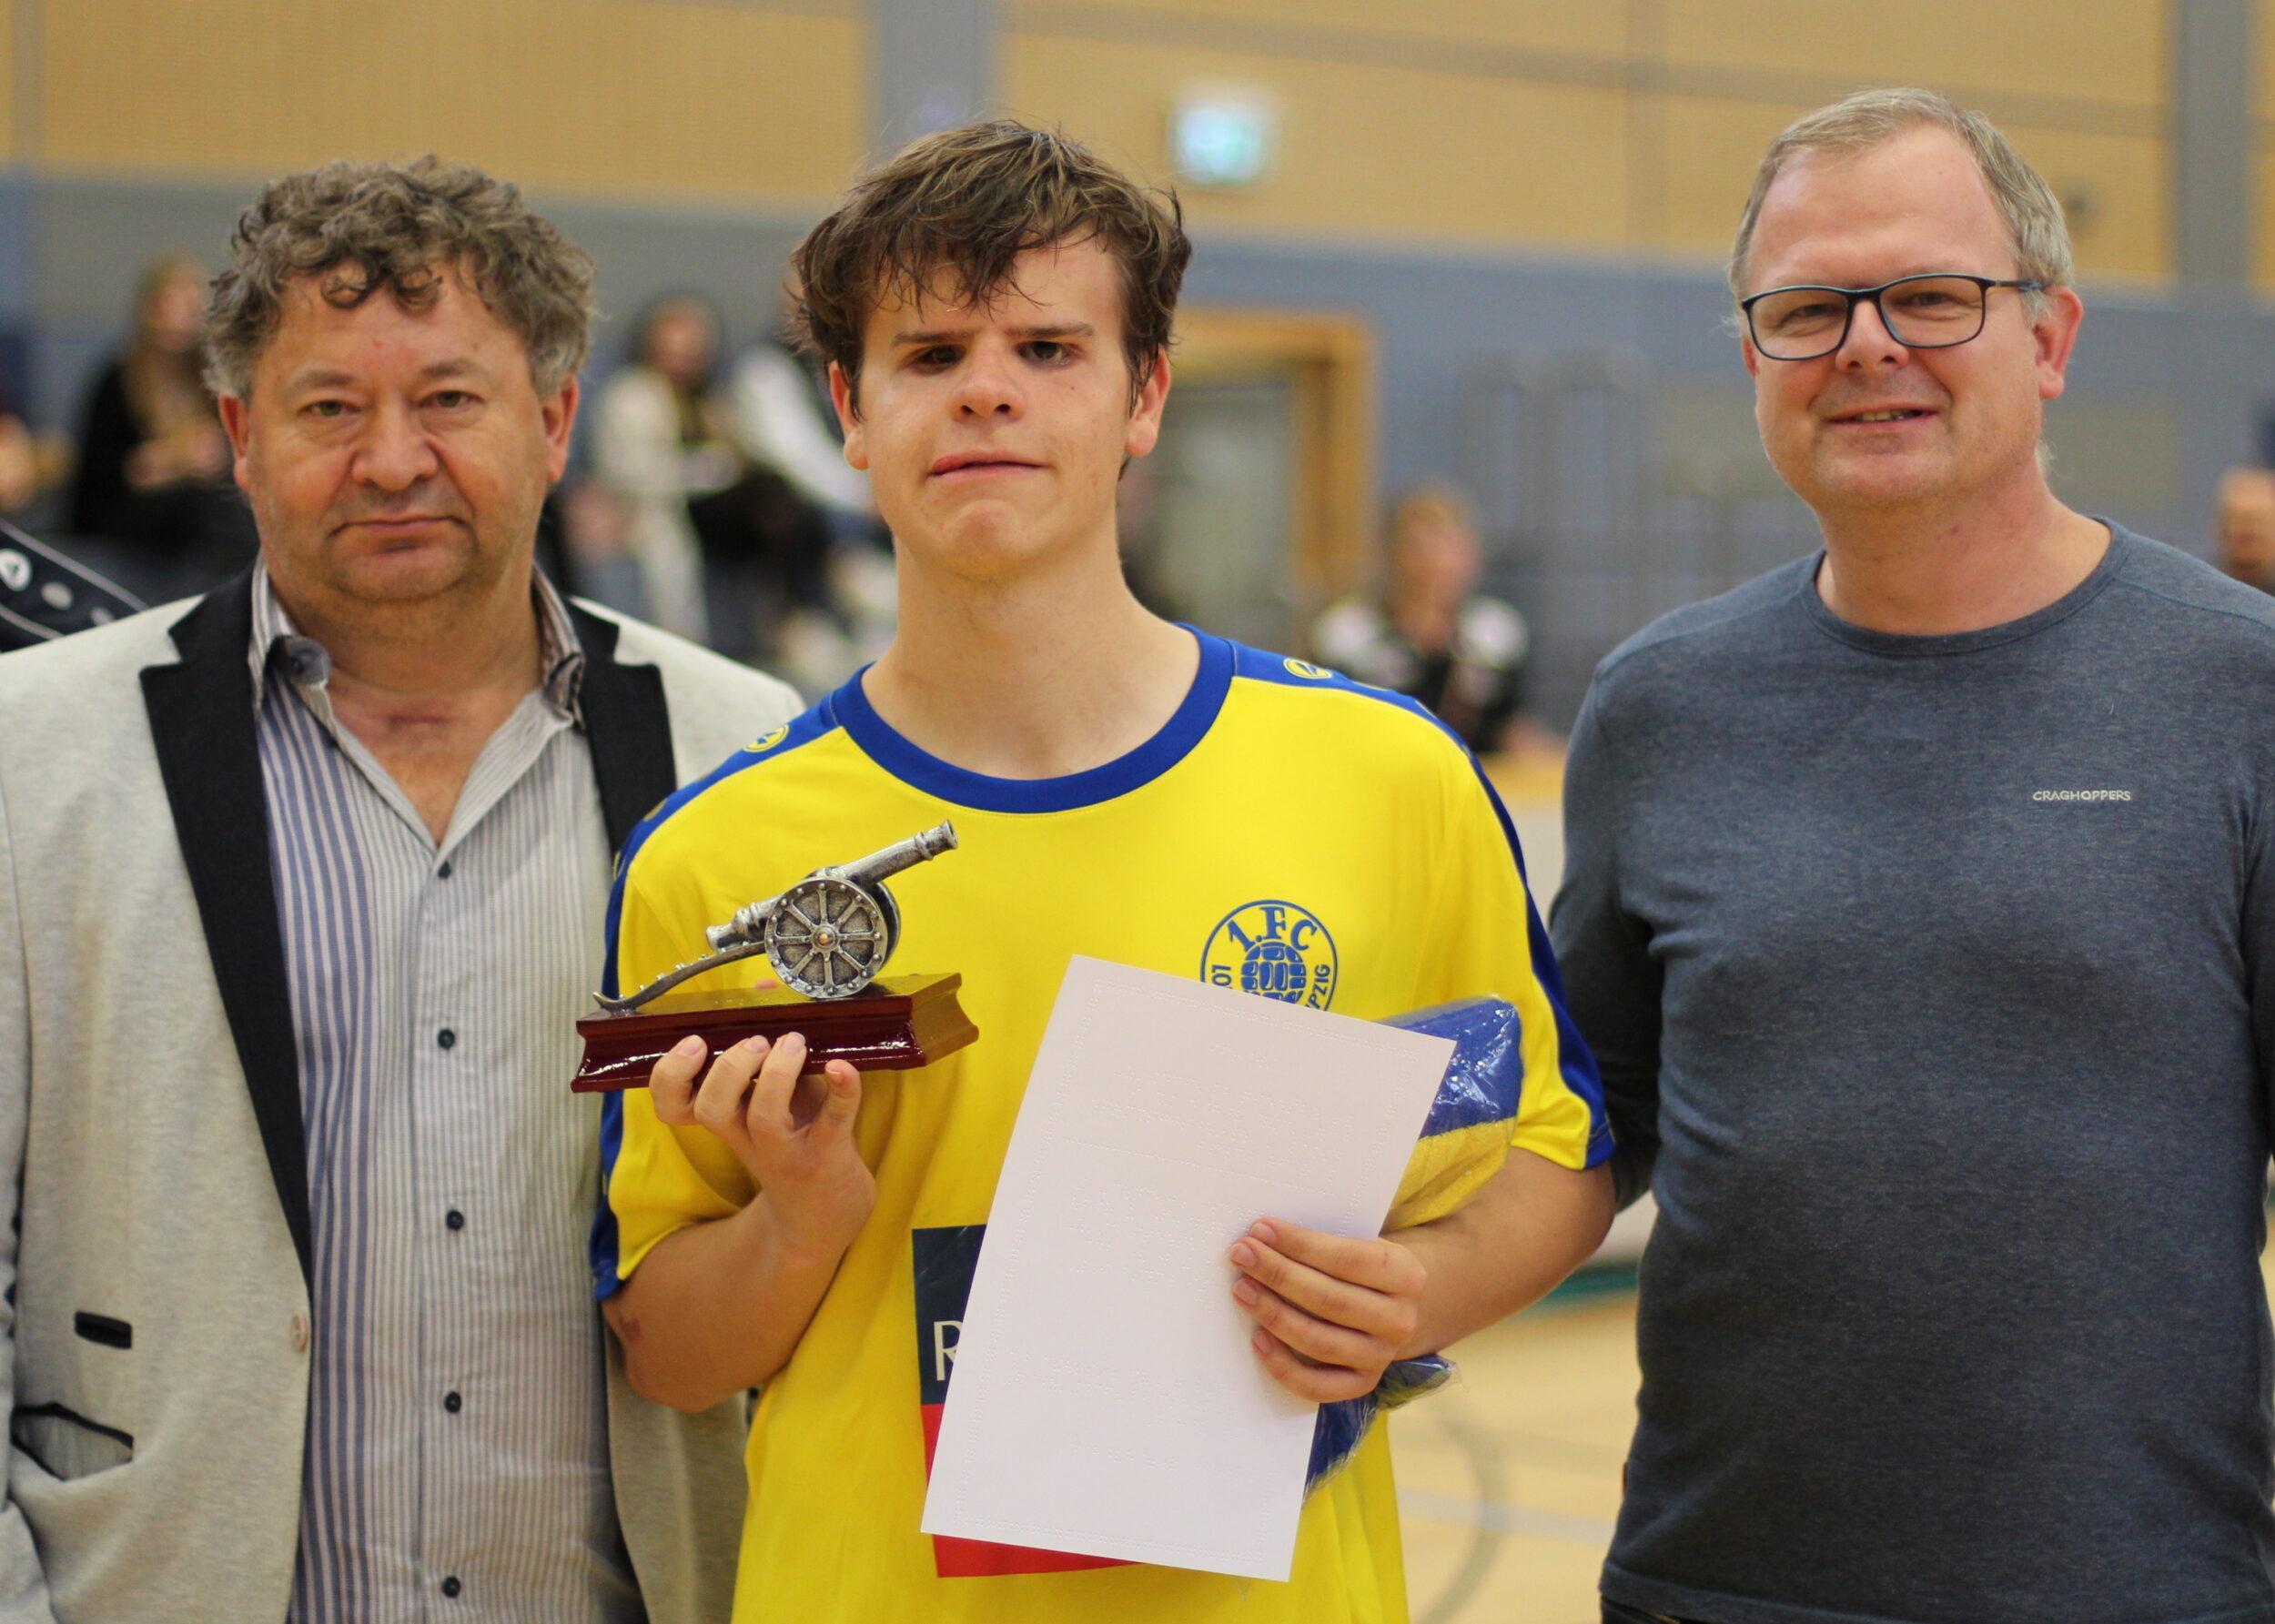 Jonathan Tönsing, eigentlich Spieler des FC St. Pauli, hier im Bild in Trikot des 1. FC Lok Leipzig. Er hat eine Torjägerkanone und eine Urkunde in Braille-Schrift in der Hand, Foto: HörMal Audiodeskription.